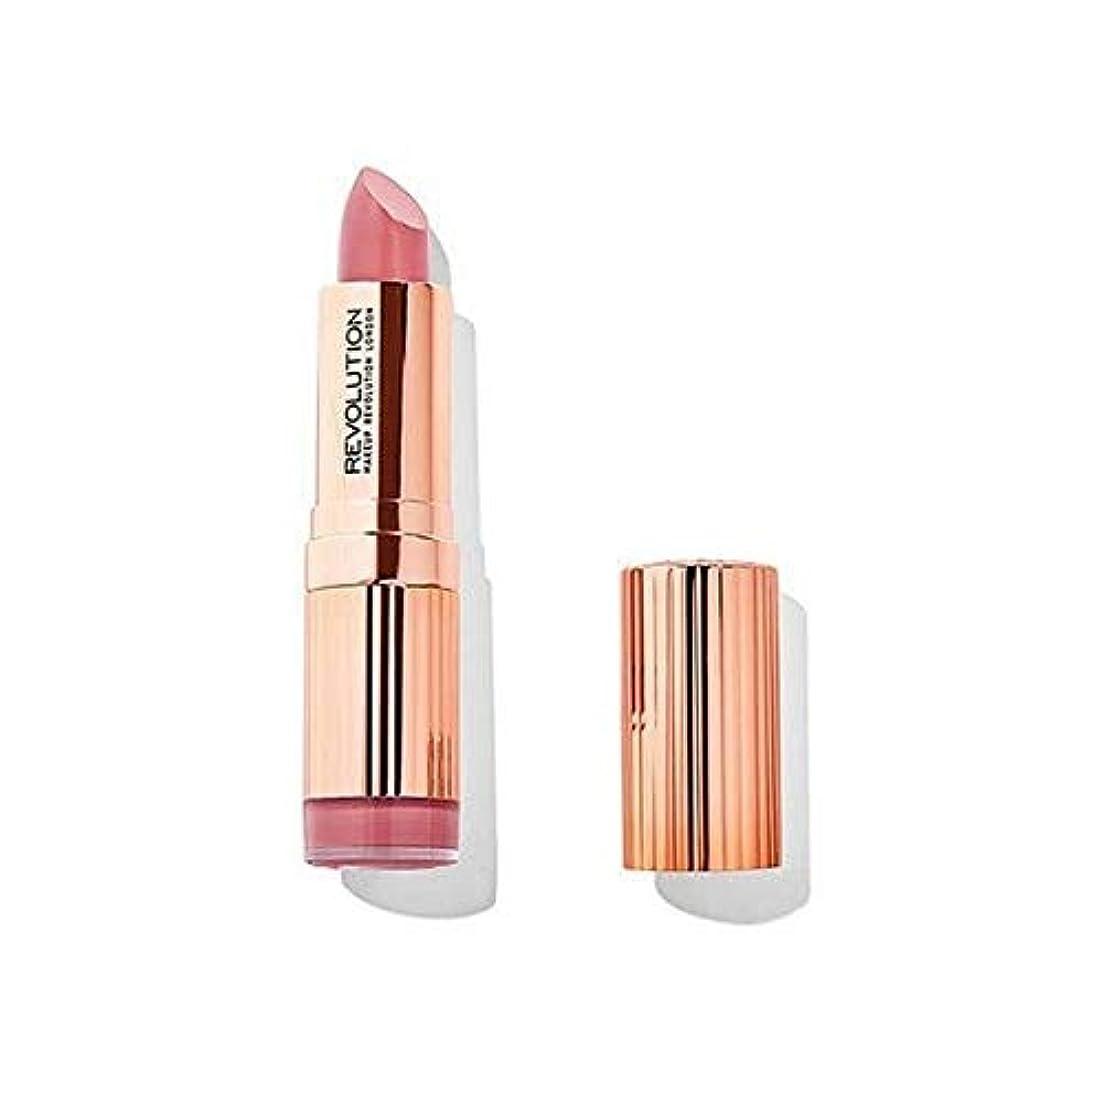 拒絶する確立たまに[Revolution ] ブレンド革命のルネサンス口紅 - Revolution Renaissance Lipstick Blended [並行輸入品]